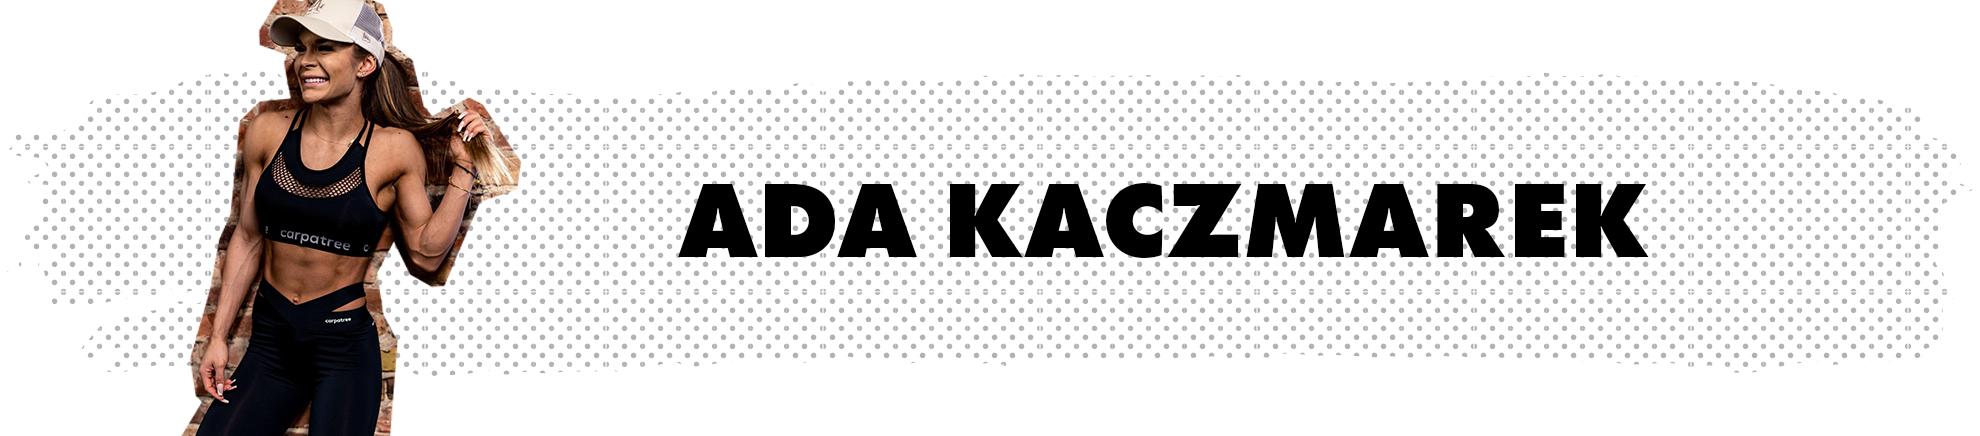 Ada Kaczmarek - Carpatree brand ambassador